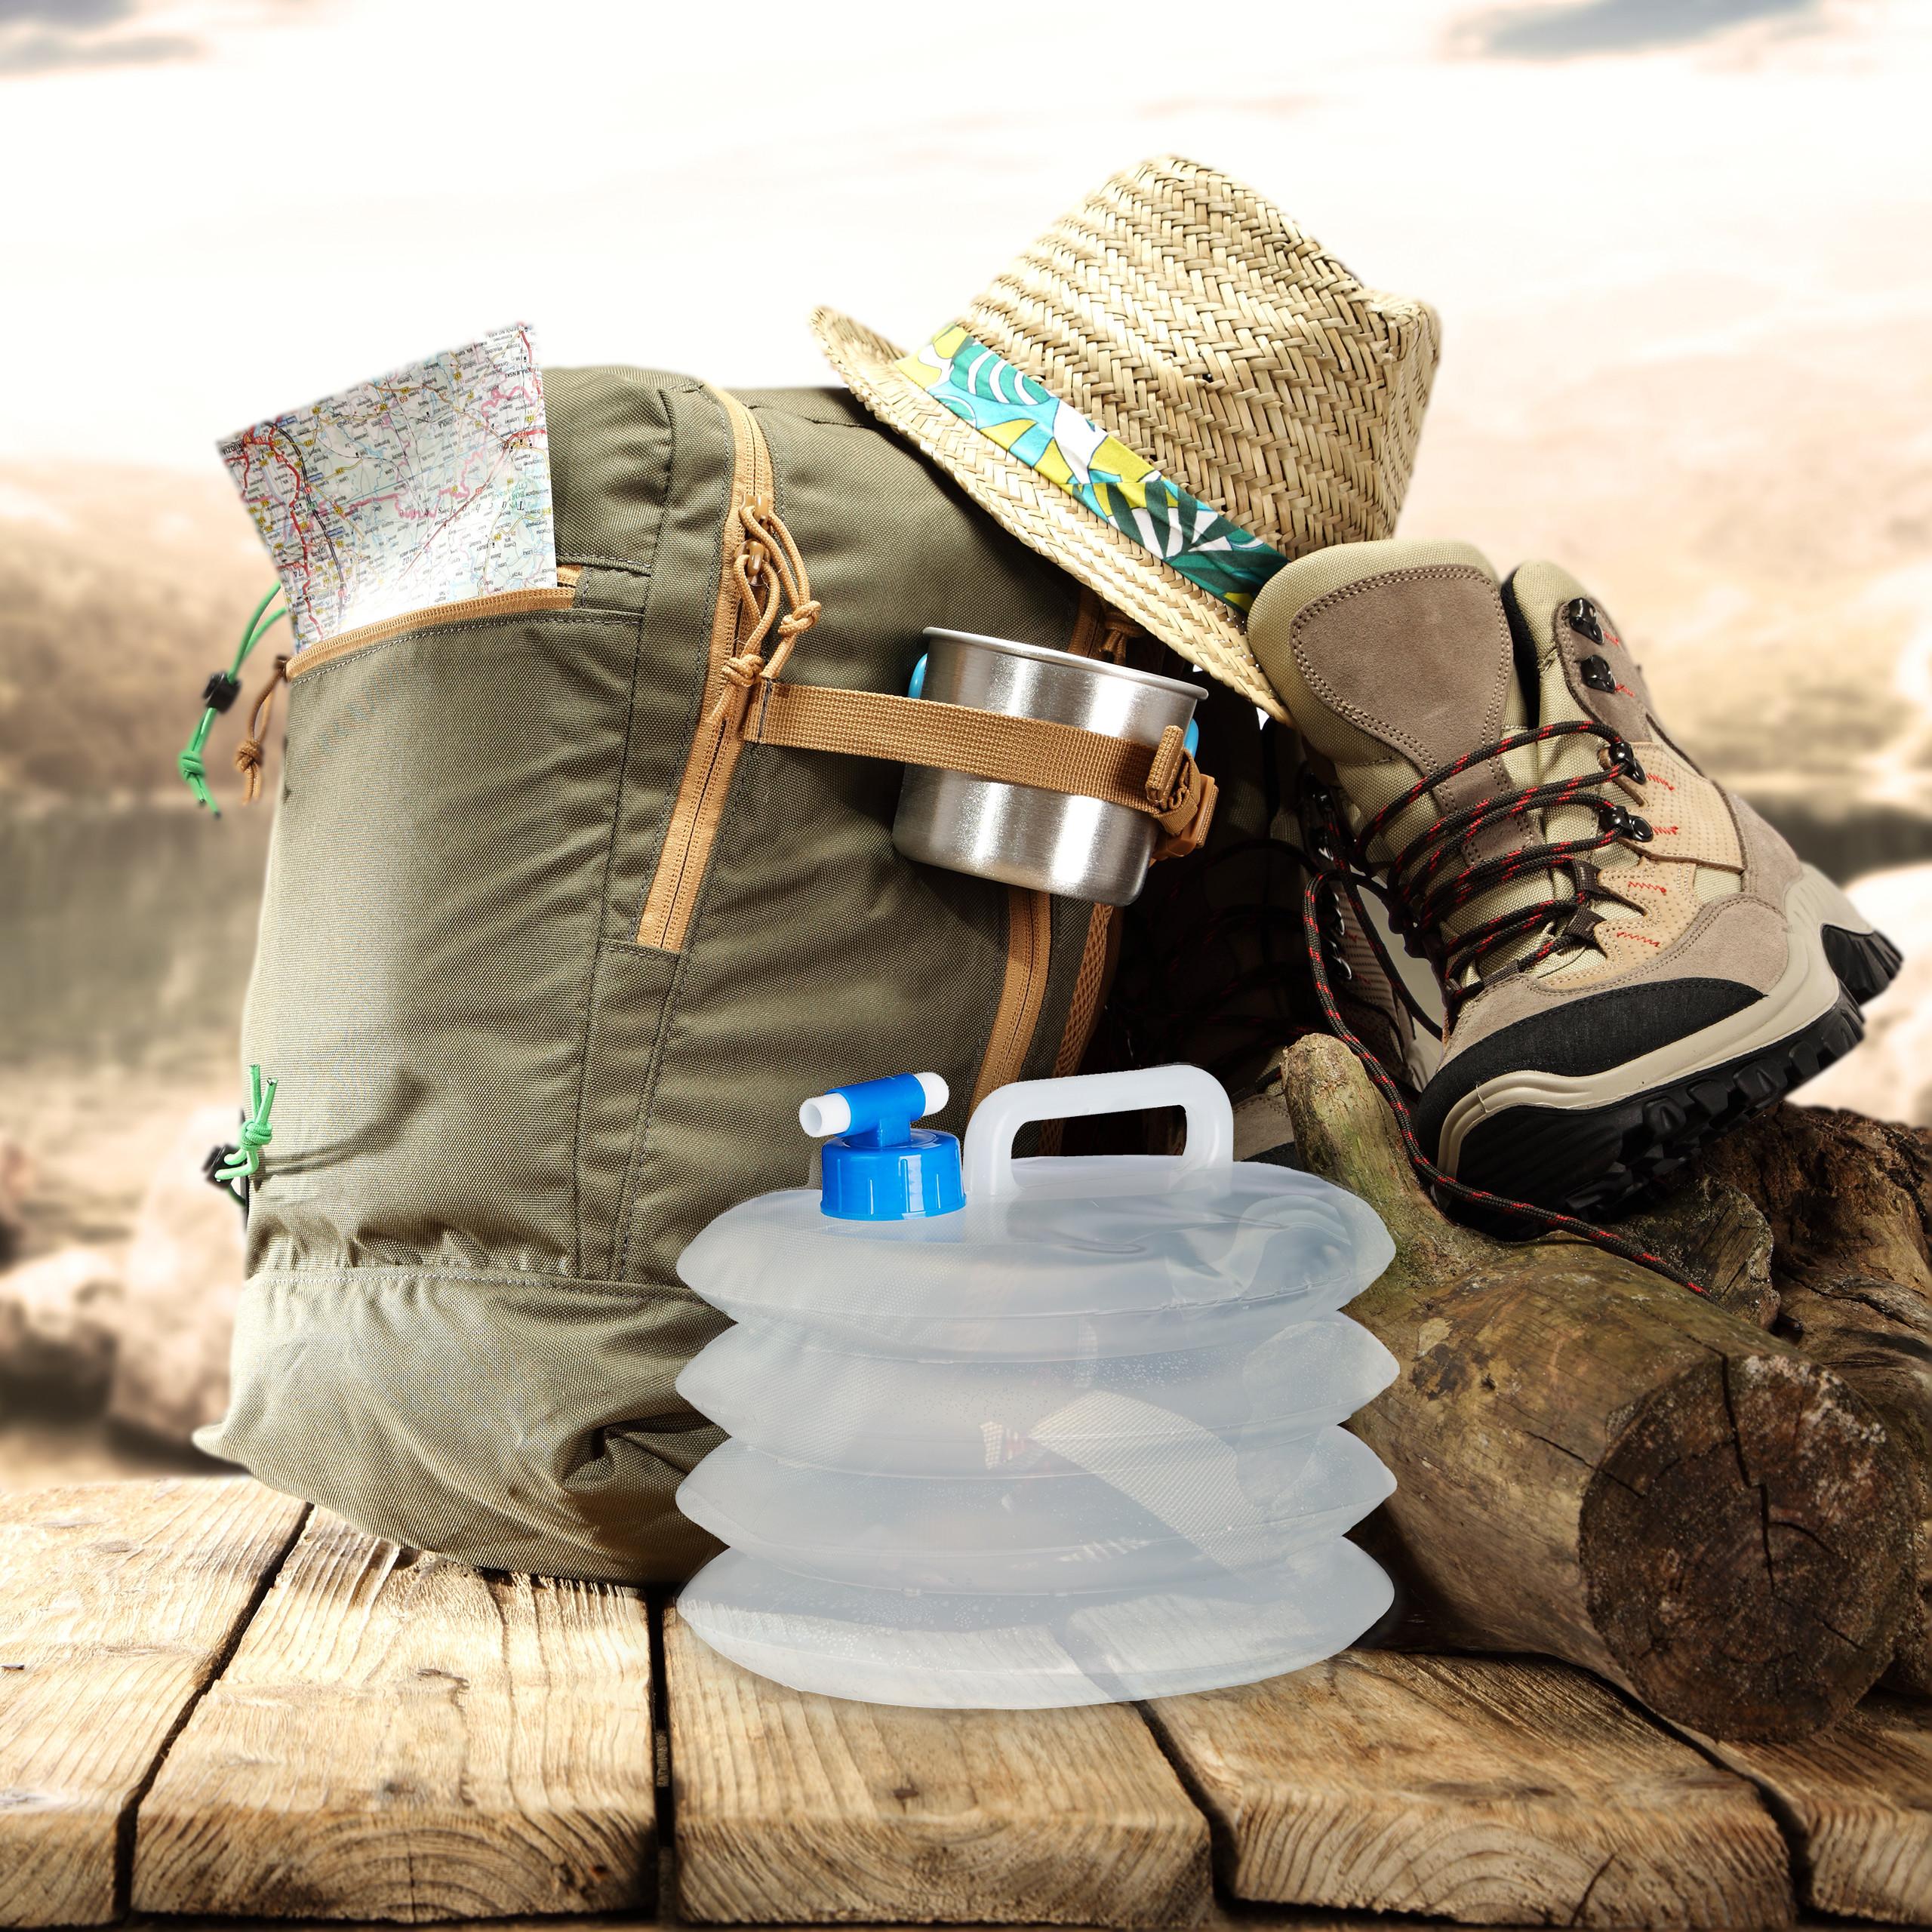 Indexbild 15 - Wasserkanister faltbar 4er Set Faltkanister Camping Trinkwasserkanister BPA frei